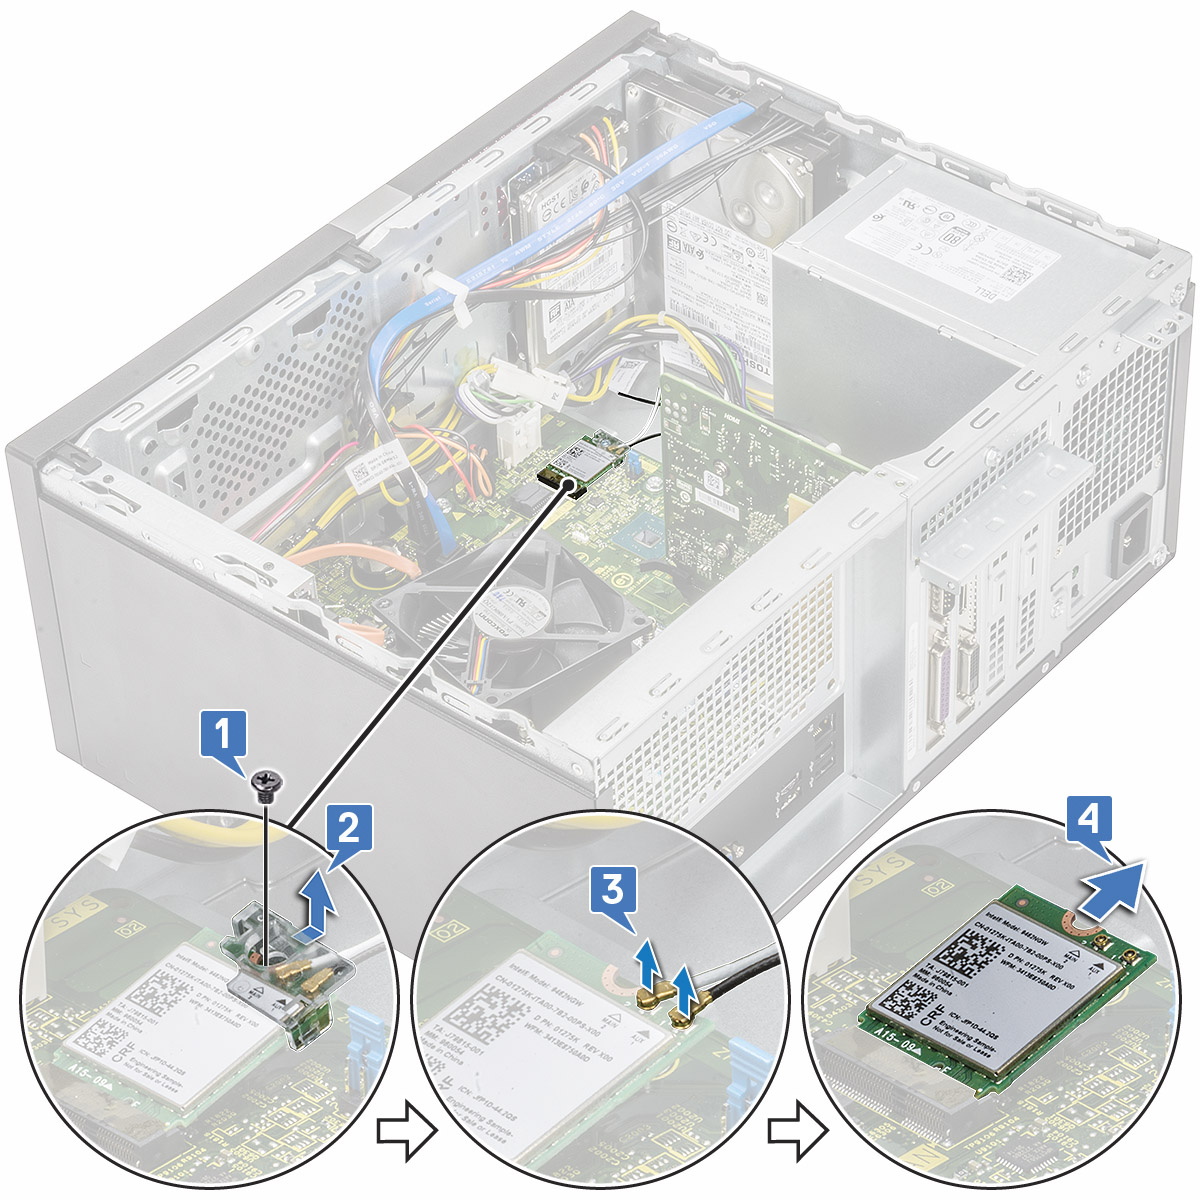 شكل يعرض كيفية إزالة بطاقة WLAN من الكمبيوتر.